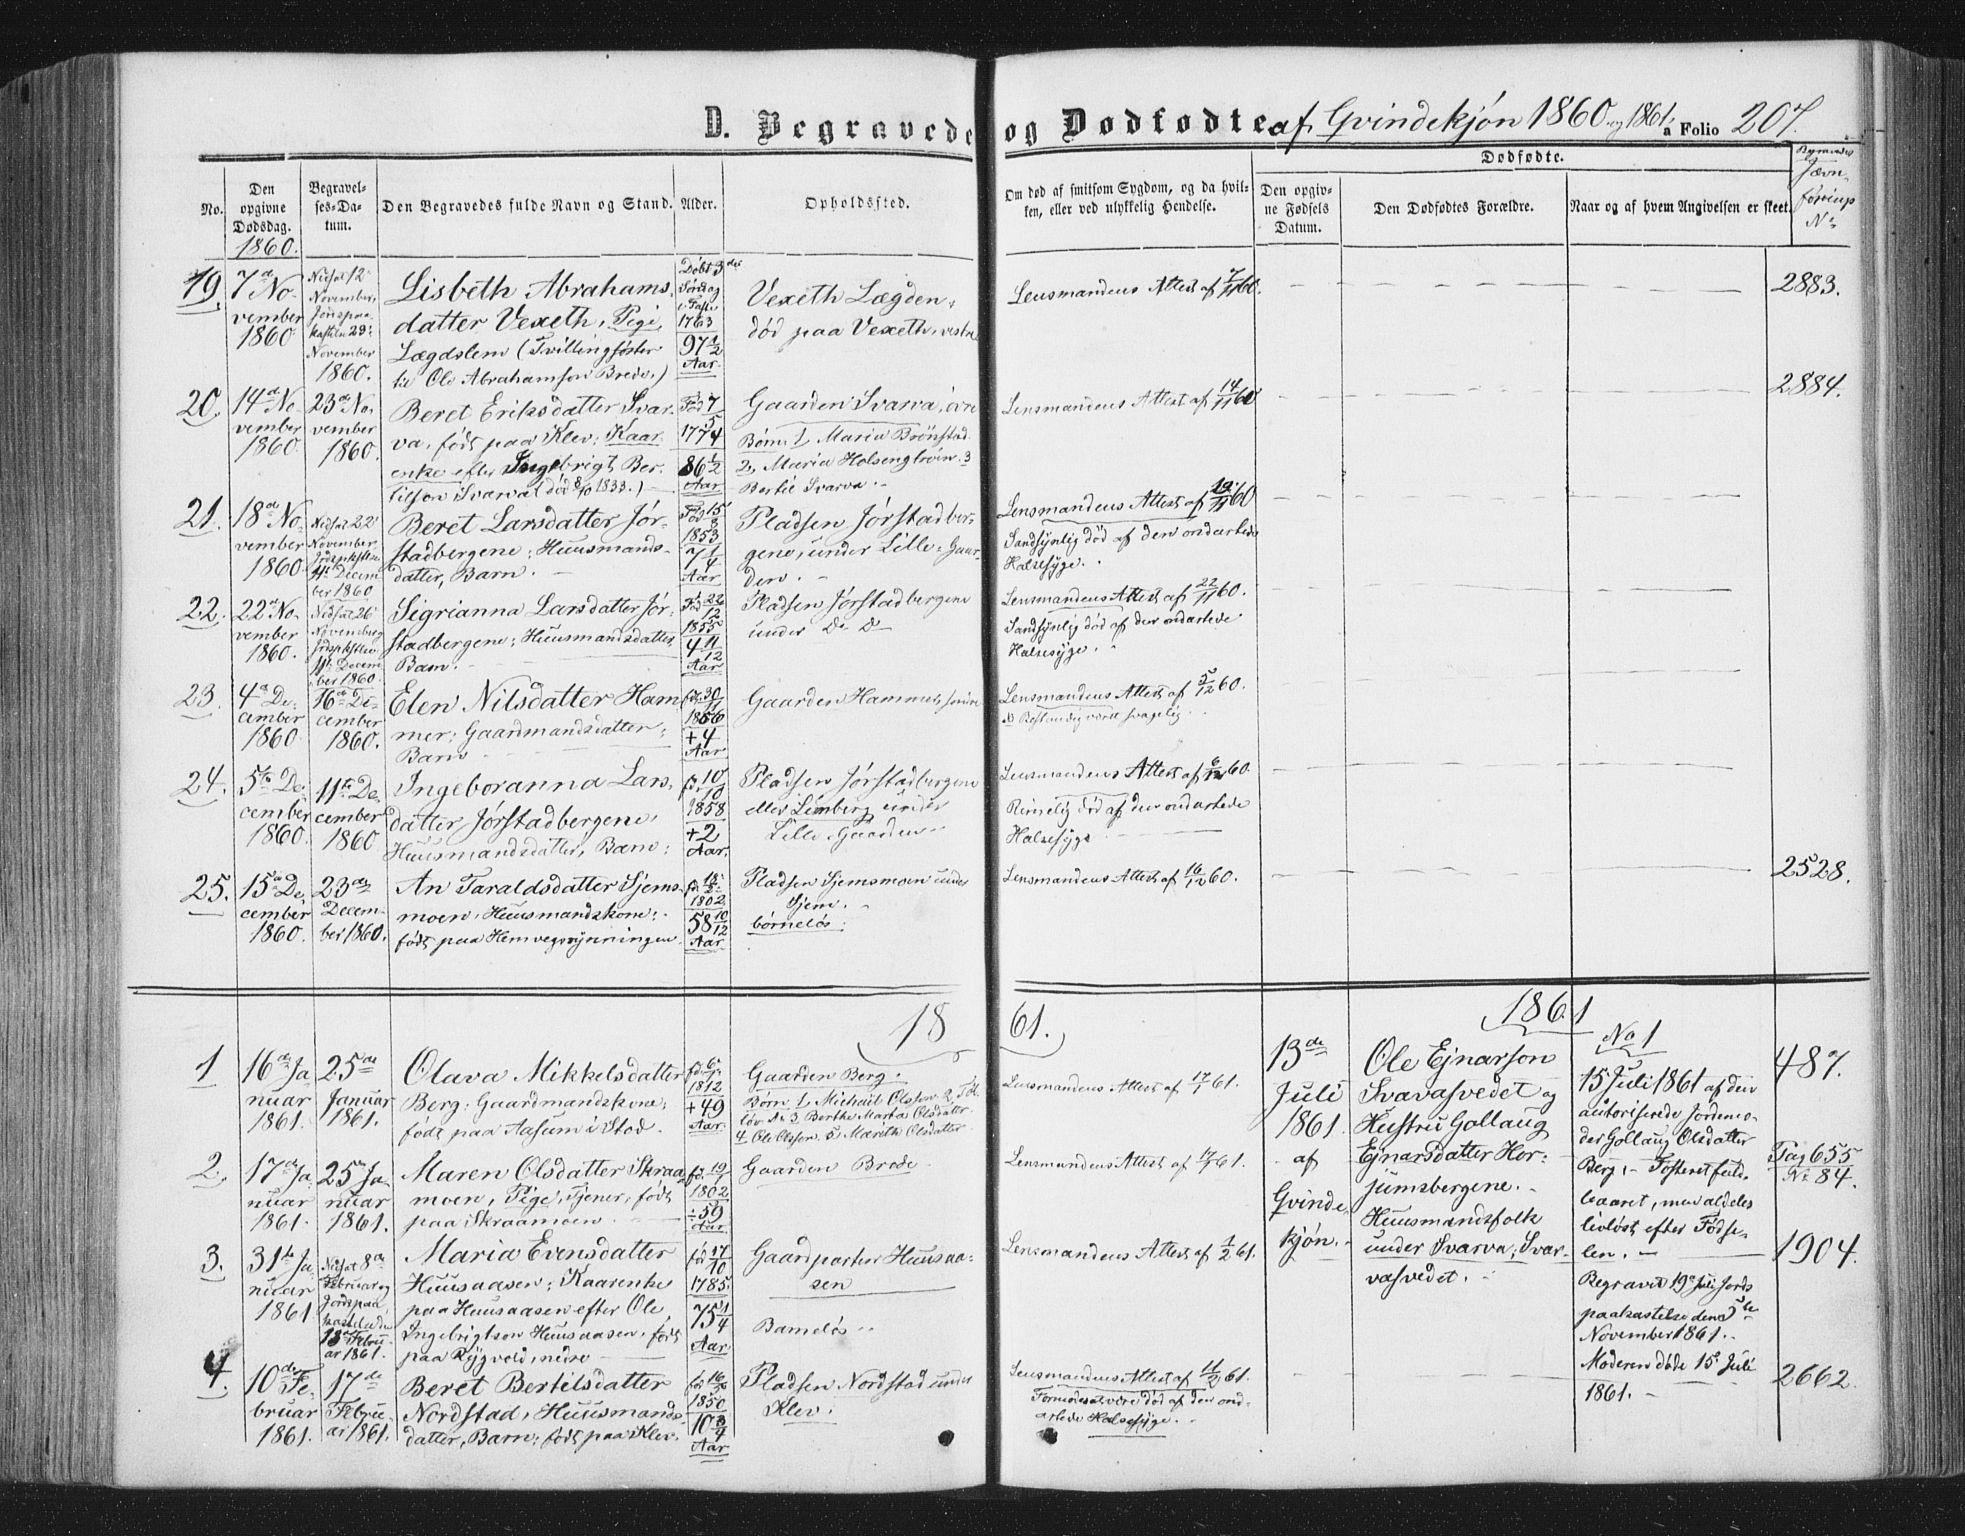 SAT, Ministerialprotokoller, klokkerbøker og fødselsregistre - Nord-Trøndelag, 749/L0472: Ministerialbok nr. 749A06, 1857-1873, s. 207